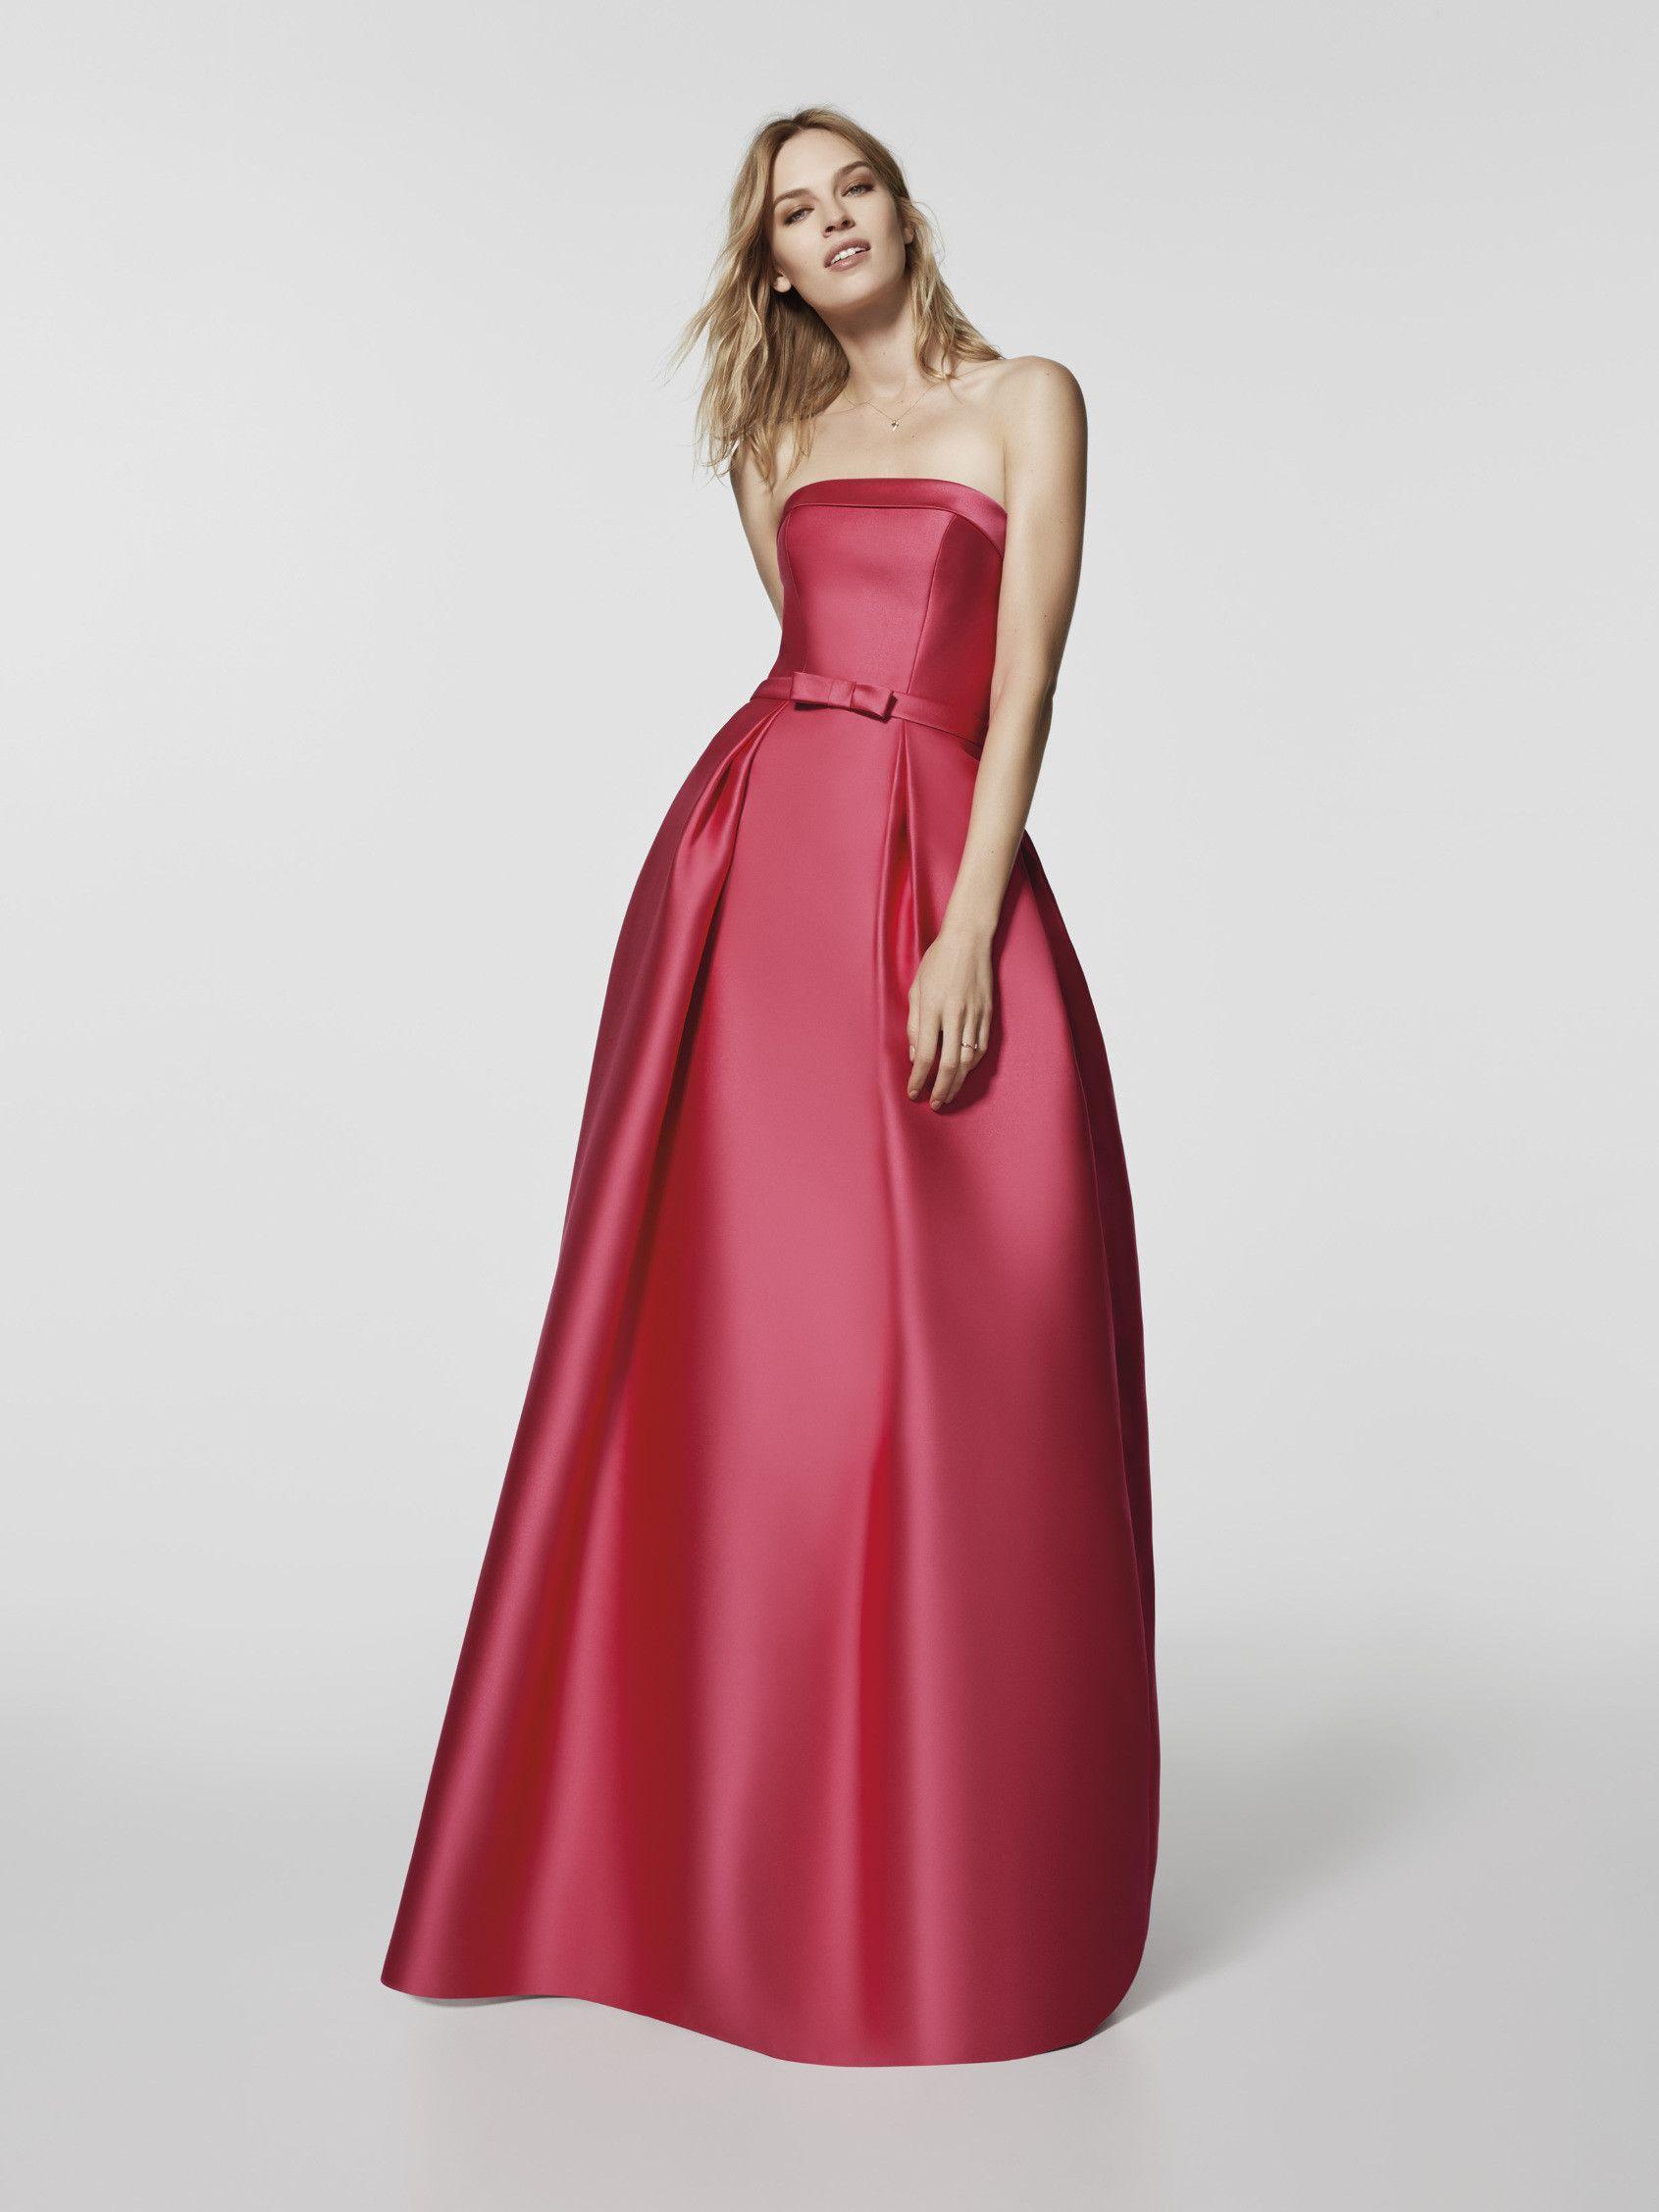 Estás buscando un vestido de fiesta? Este es un vestido largo de ...